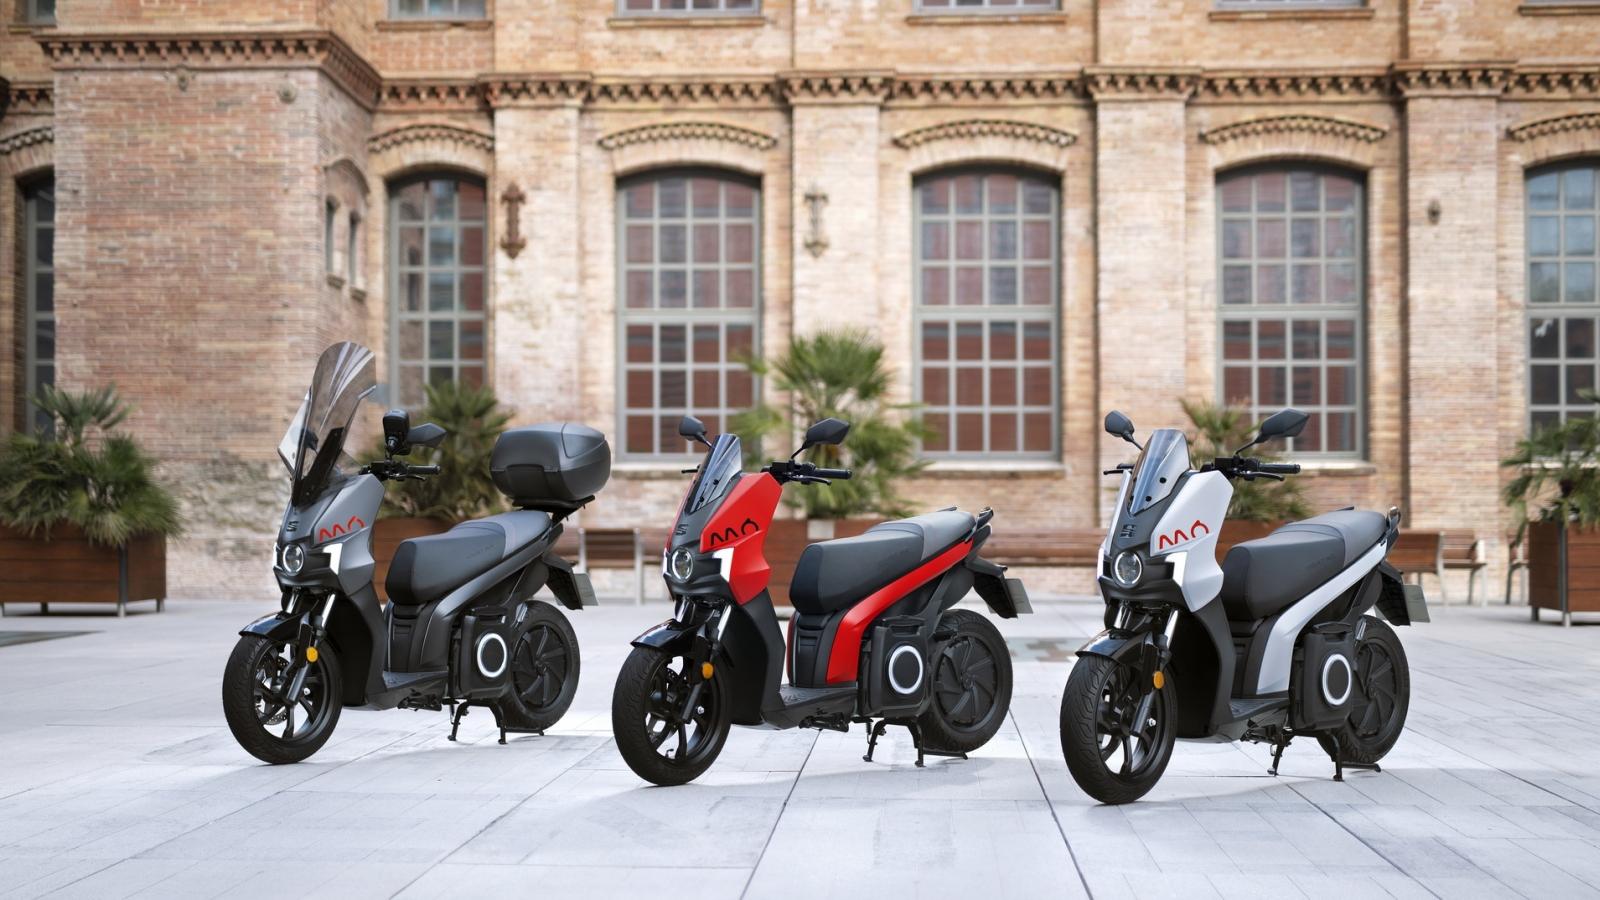 Seat cho ra mắt xe máy điện có giá bằng một nửa chiếc ô tô cỡ nhỏ